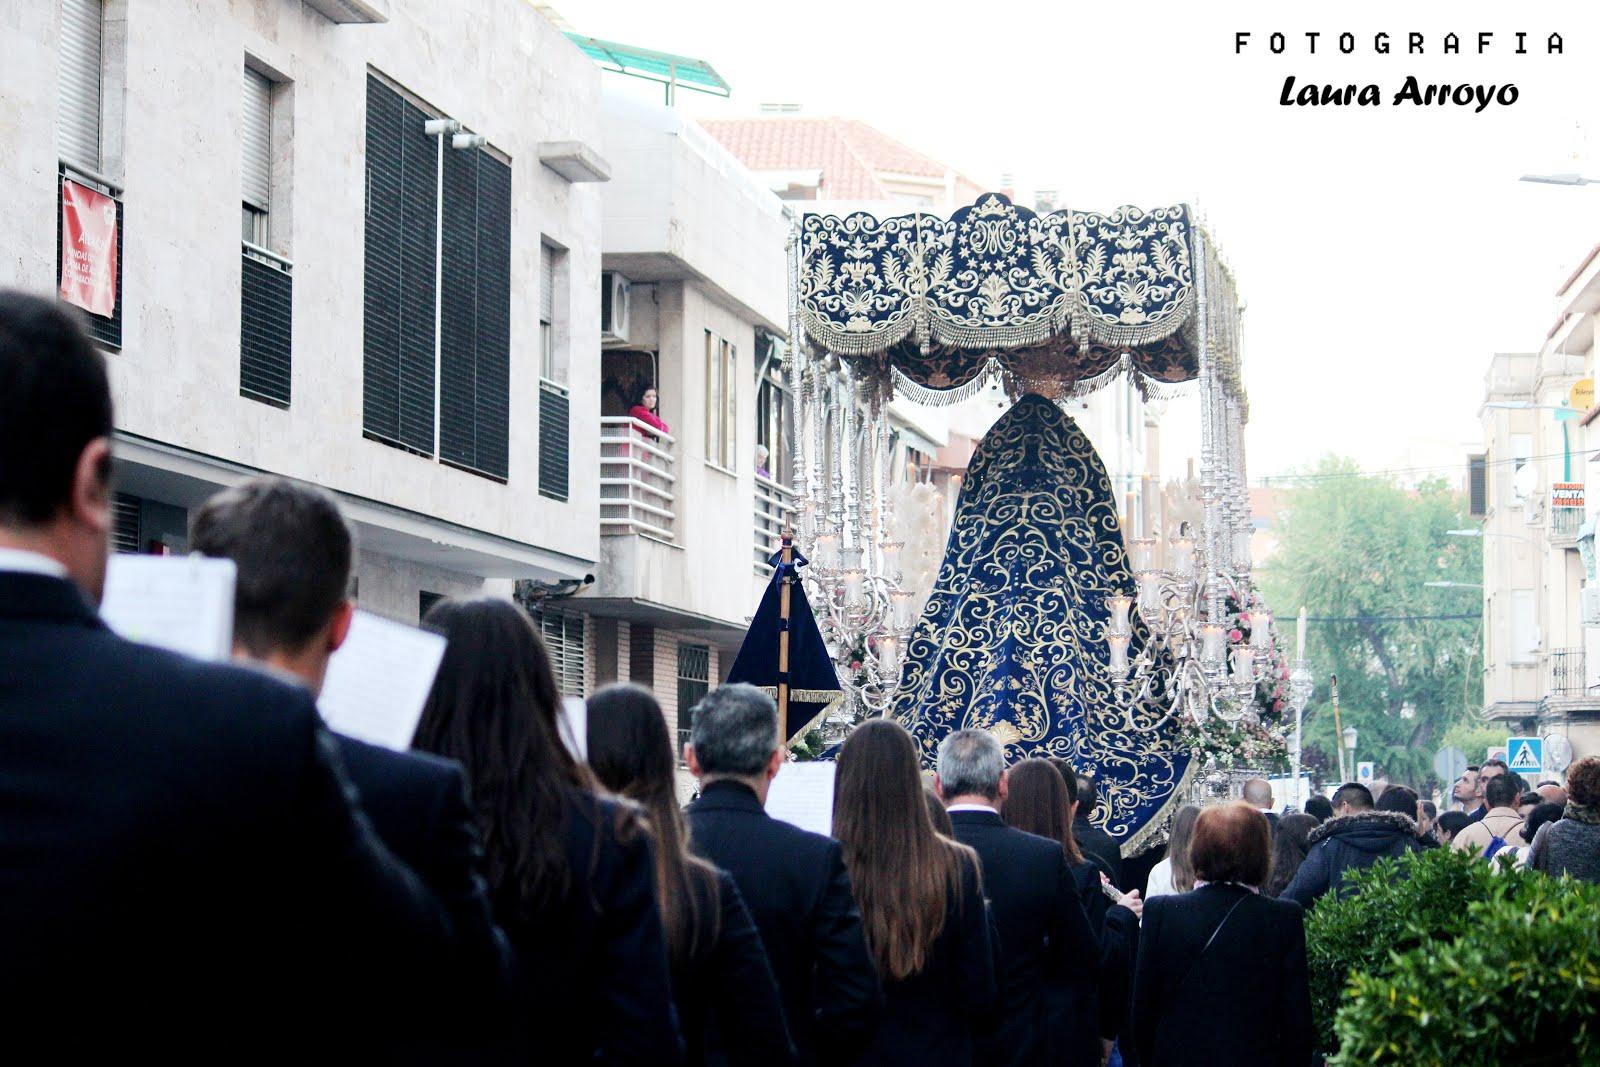 3º Premio en el Concurso Fotográfico de la Banda de Música Santa Cecilia de Pedroche (Córdoba)